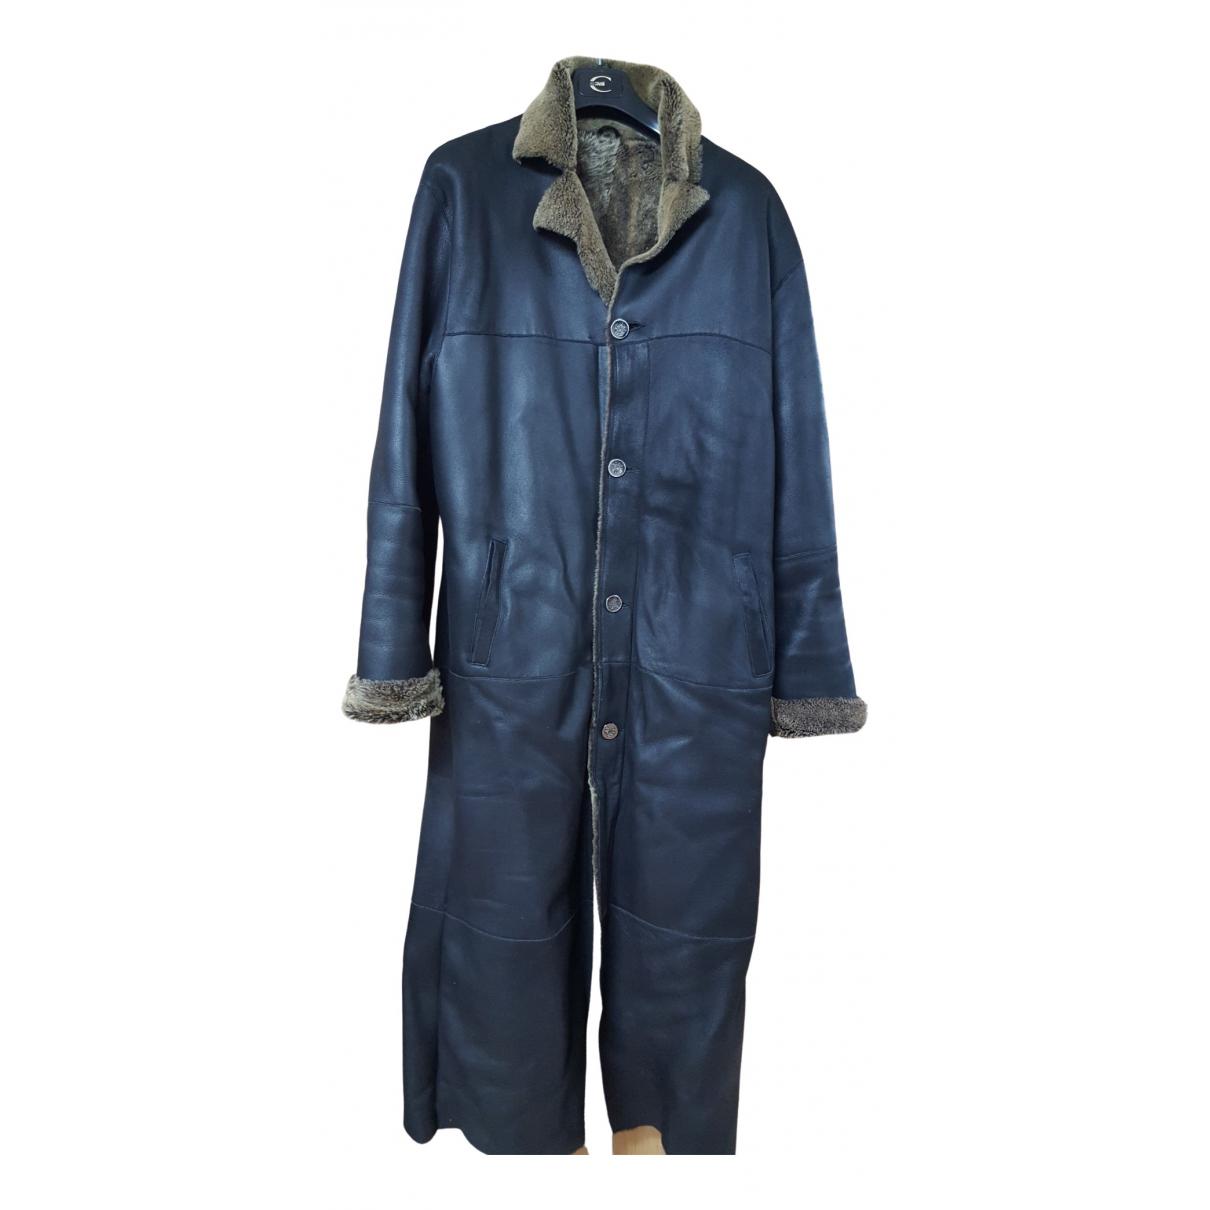 Gianfranco Ferre - Manteau   pour homme en cuir - noir